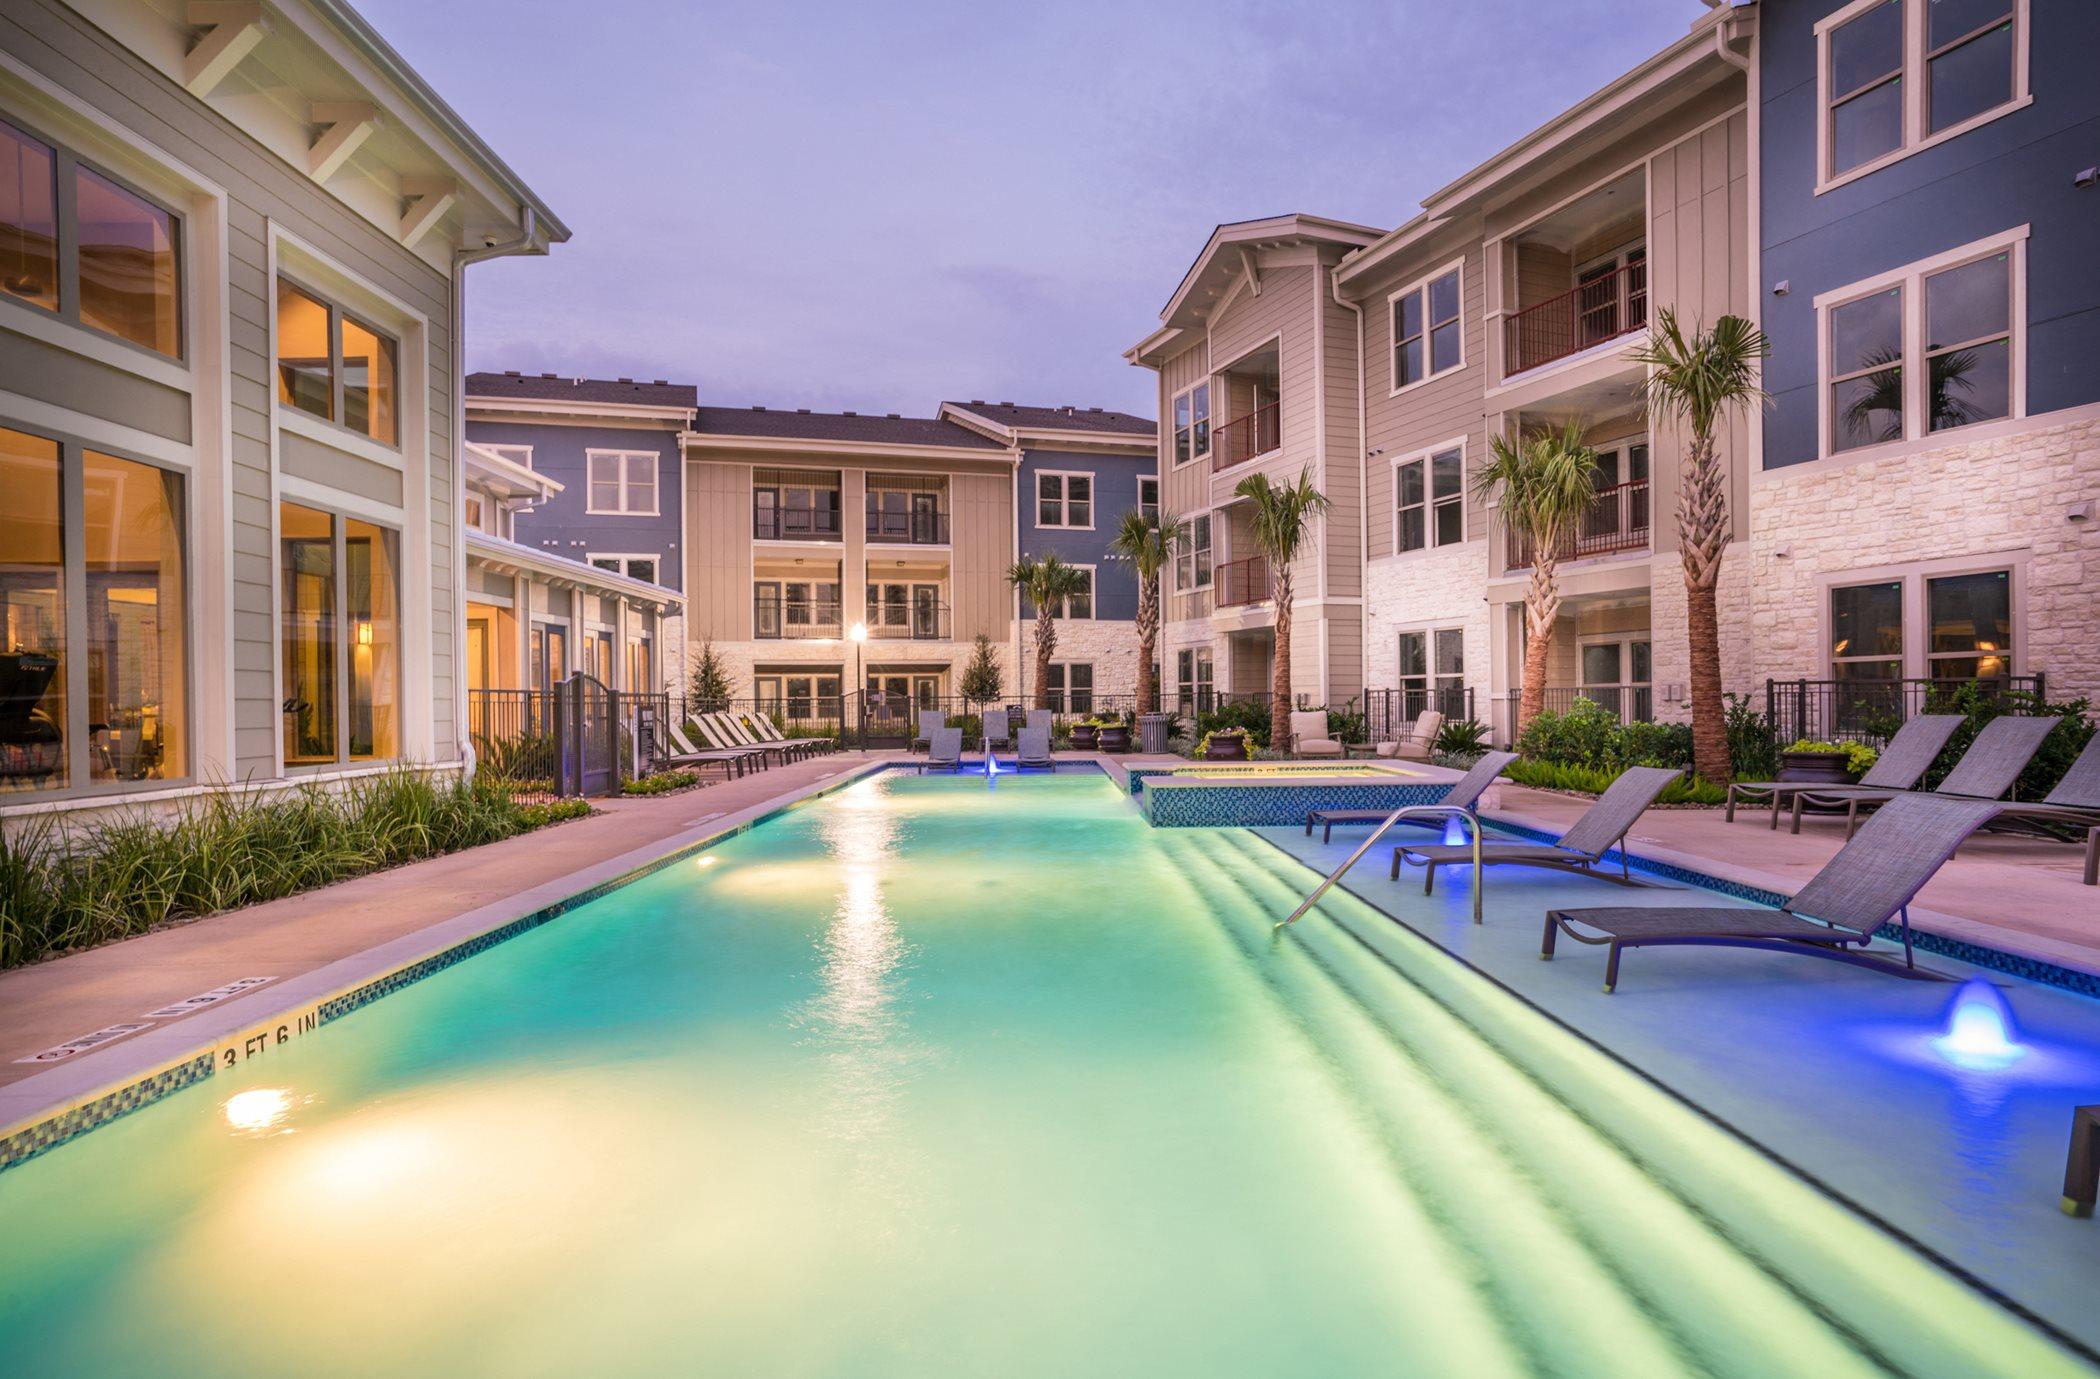 Fifty Apartments Houston Tx